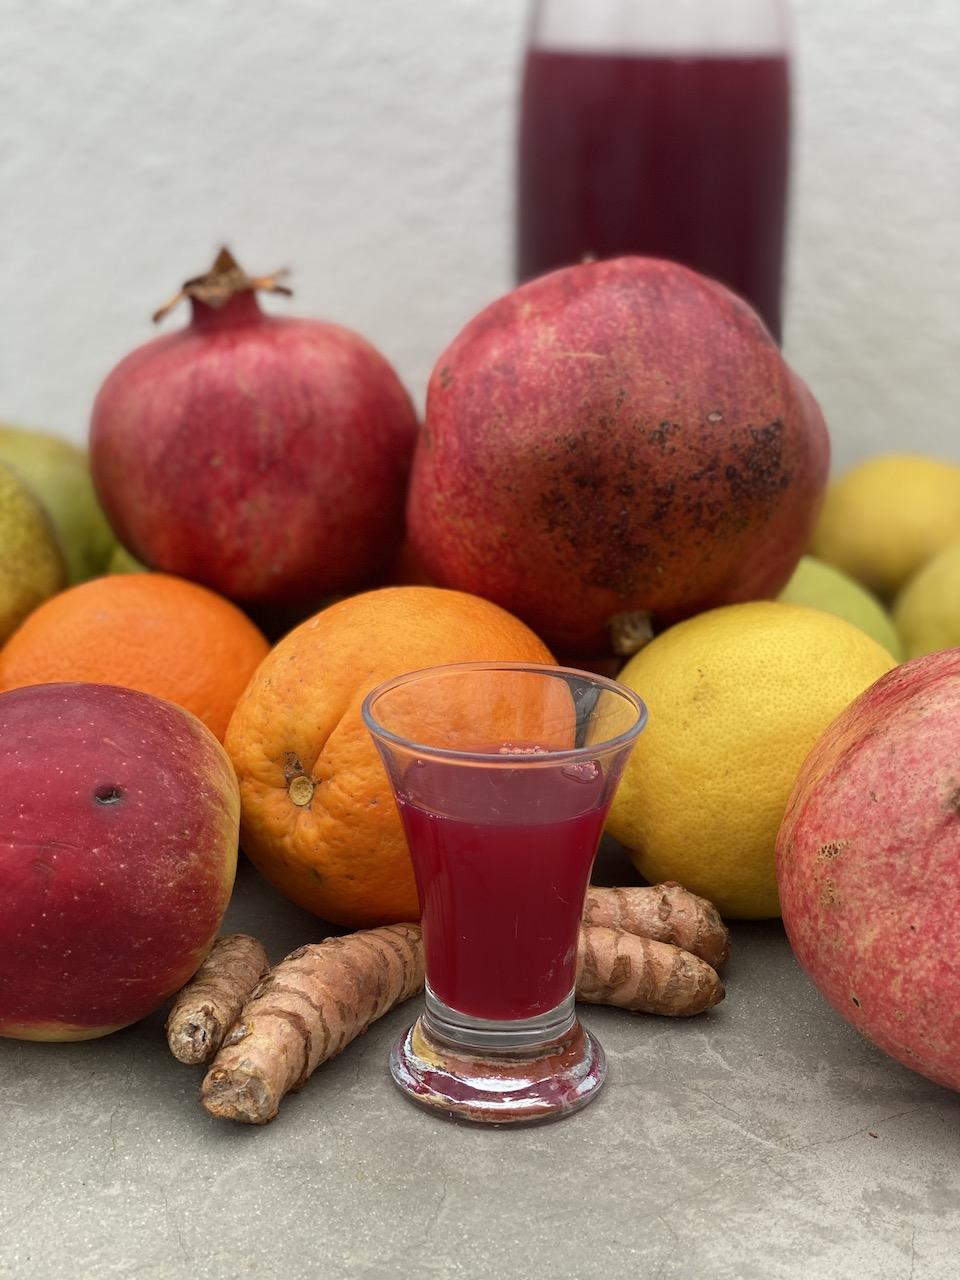 φρούτα και λικέρ τζίντζερ